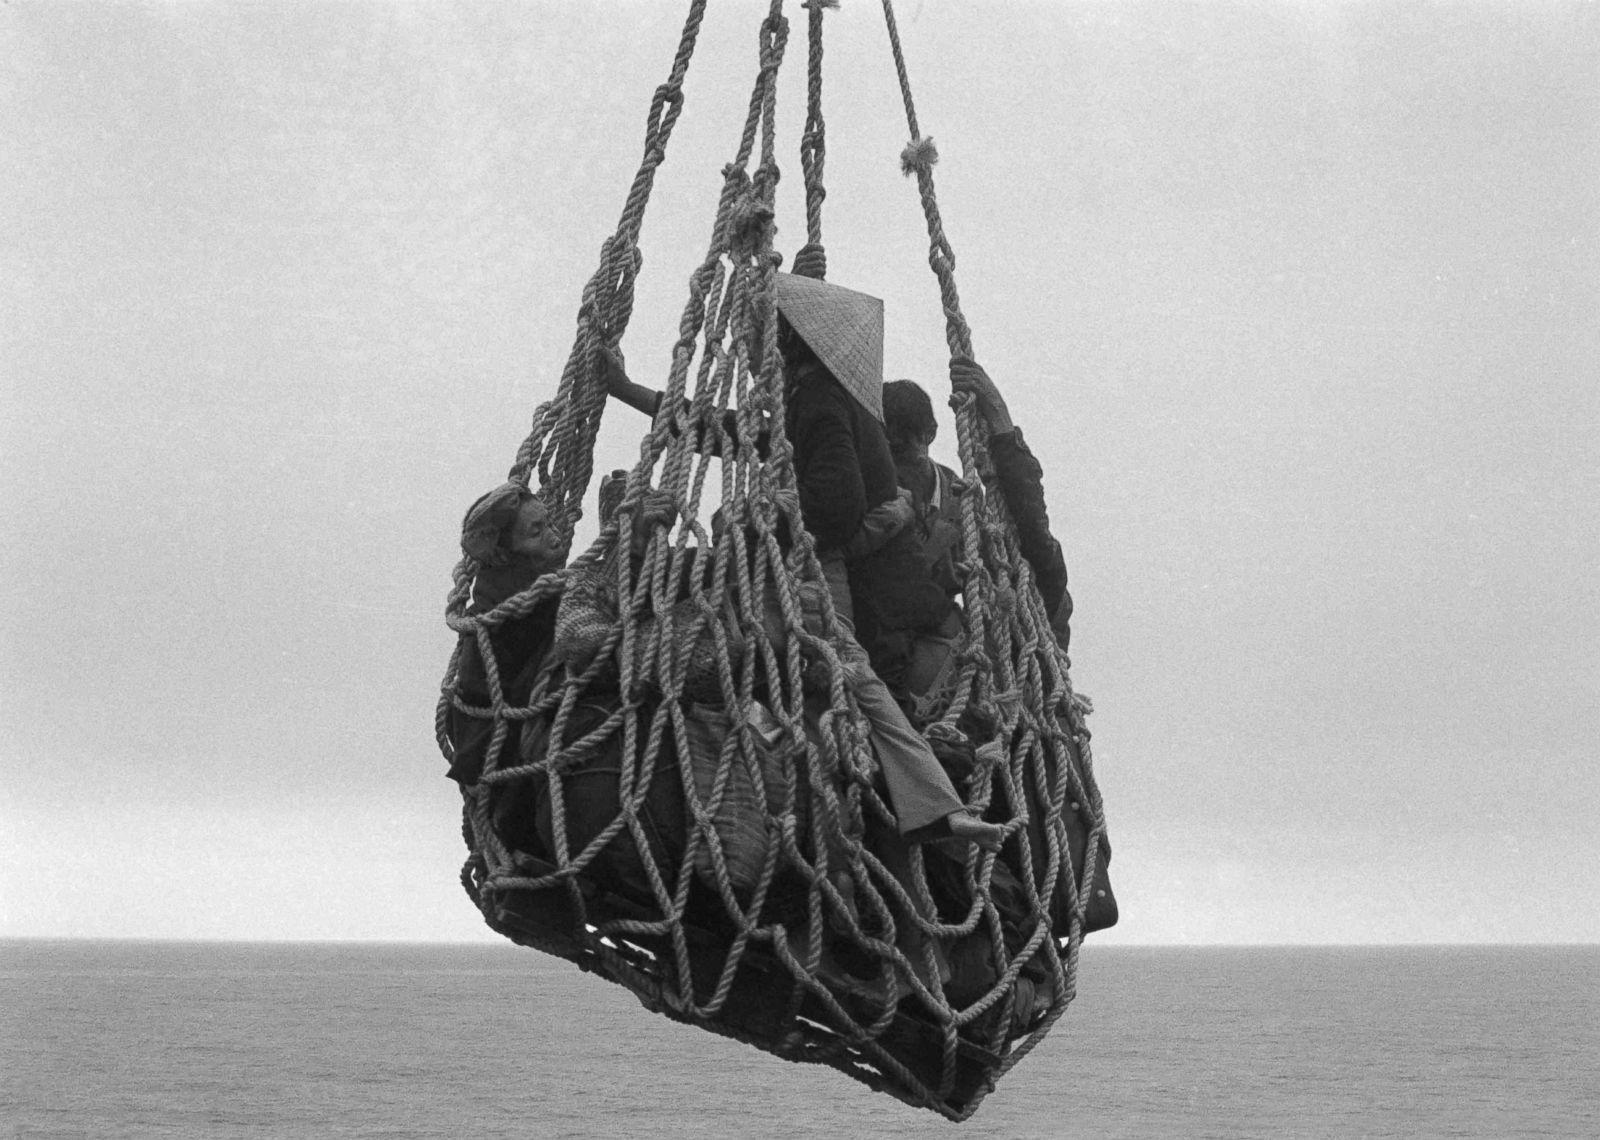 Грузовая сеть поднимает беженцев с баржи на корабль в Донанге. 1 апреля 1974